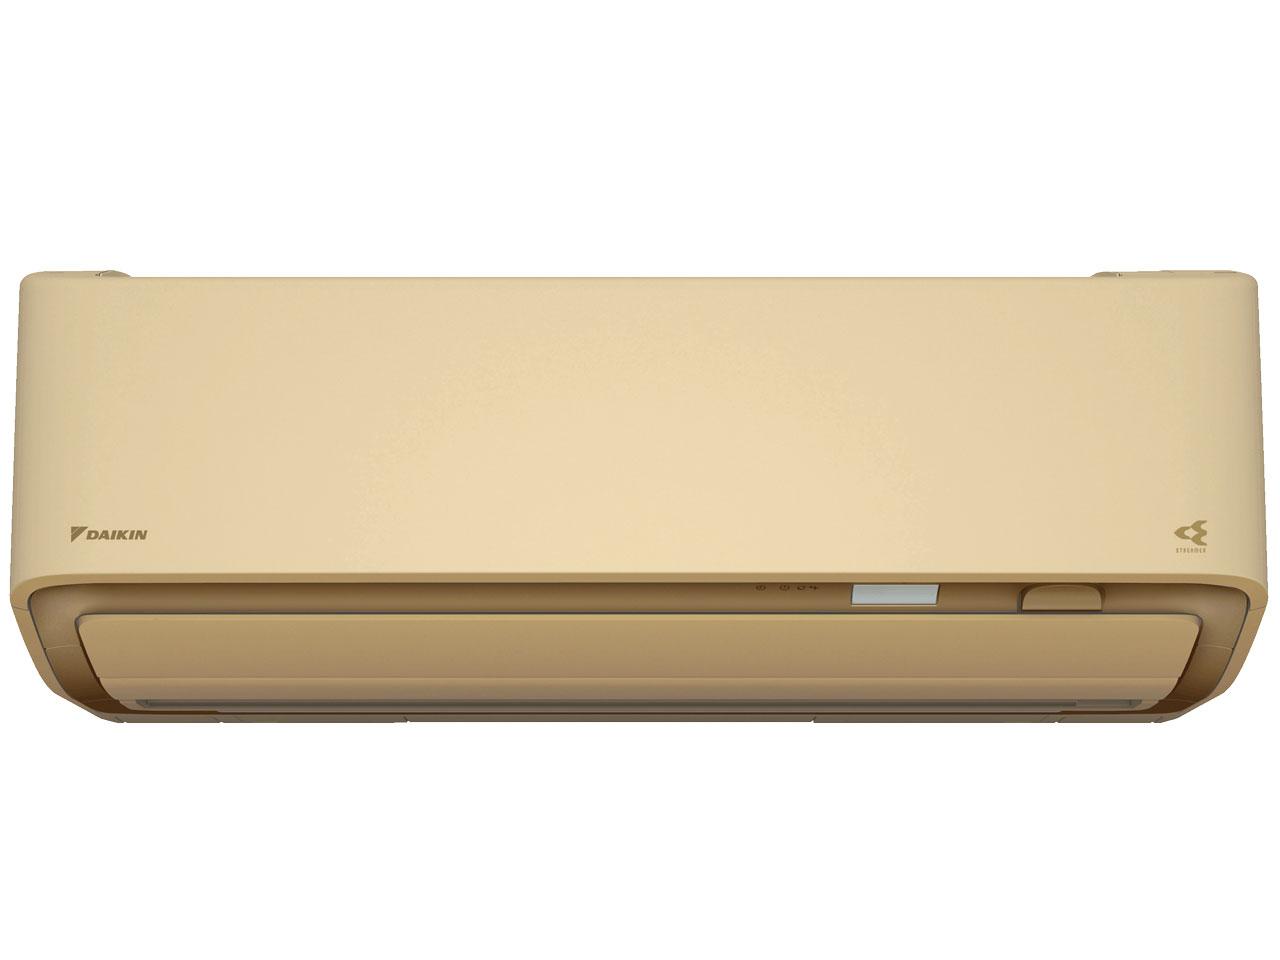 ダイキン 19年モデル AXシリーズ S63WTAXP-C 【200V用】20畳用冷暖房除湿エアコン